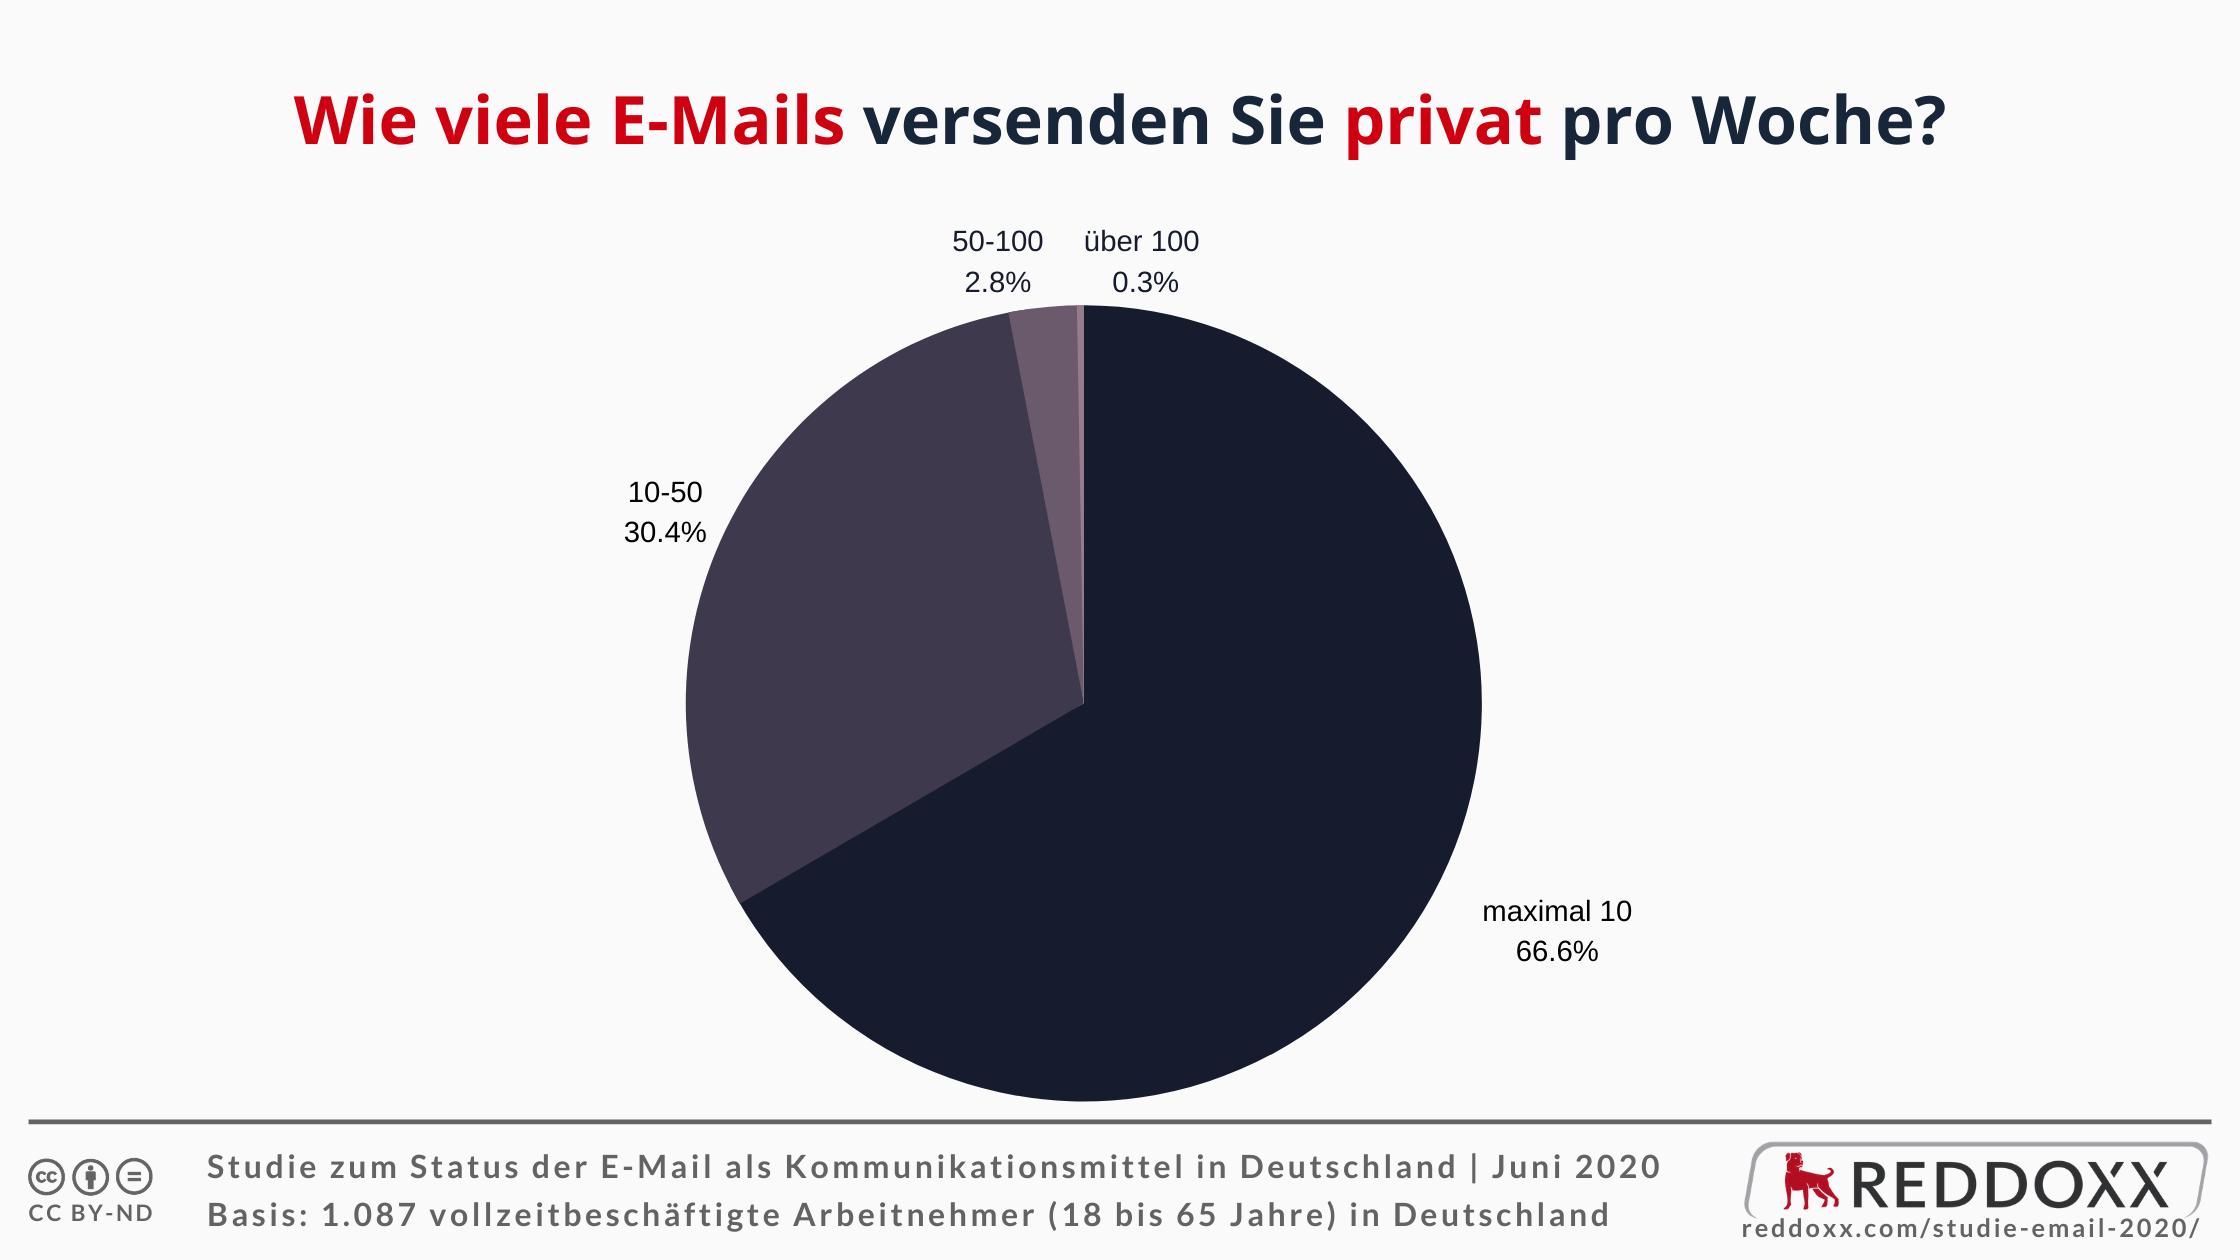 Wie viele E-Mails versenden Sie privat pro Woche?